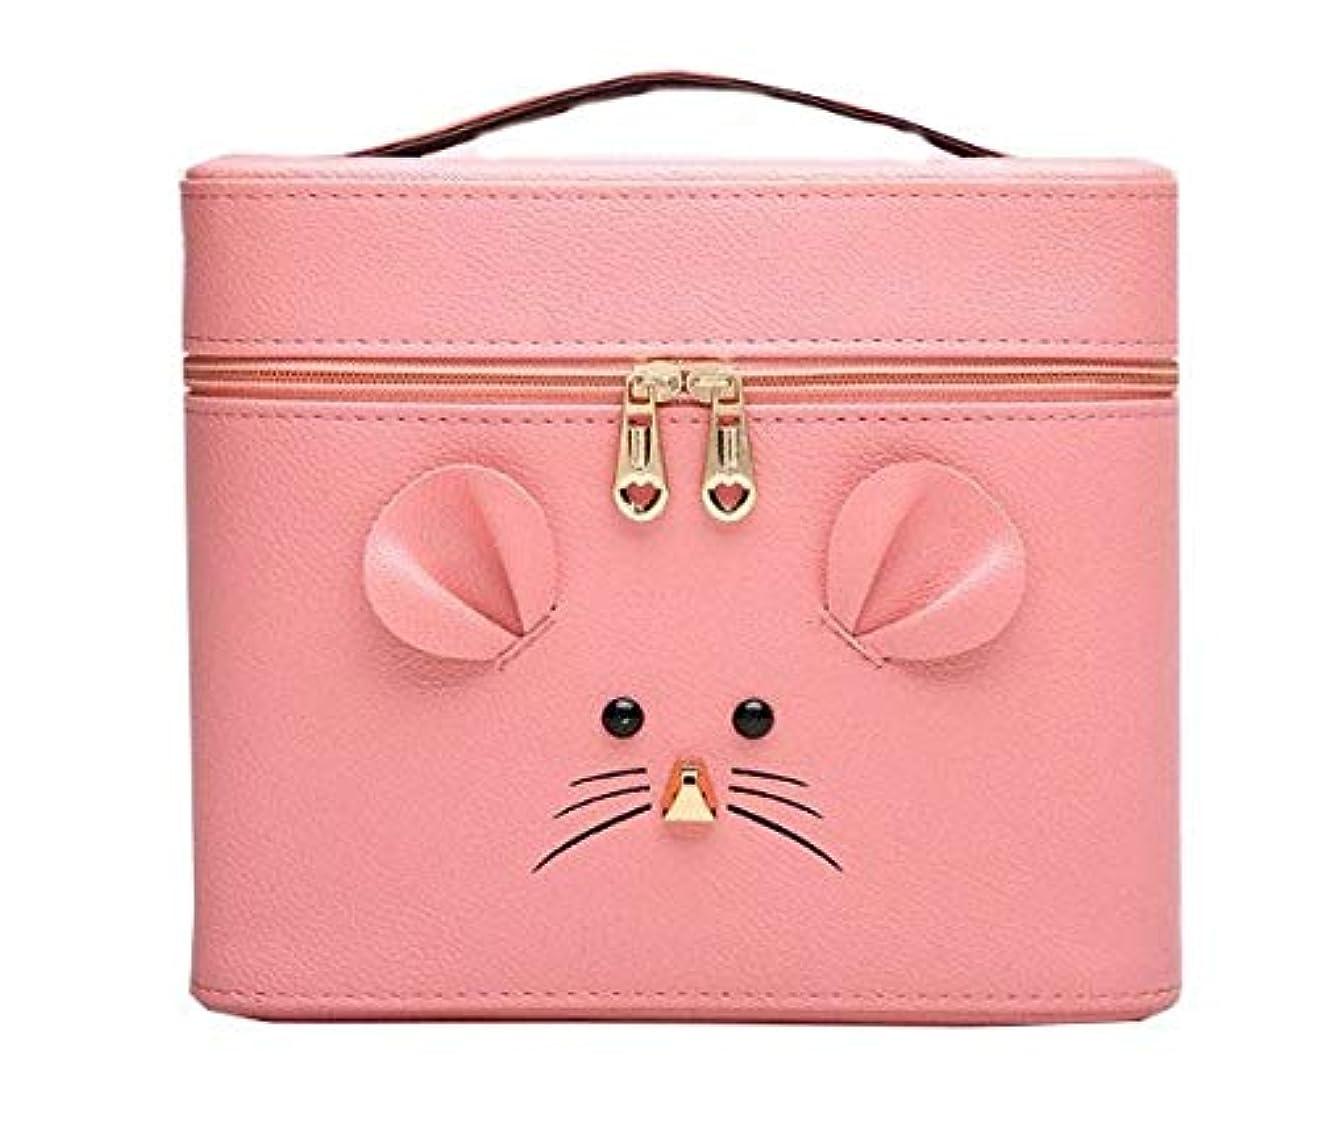 権限不承認ゲート化粧箱、ピンクの漫画のマウスの化粧箱、携帯用旅行化粧品の箱、美の釘の宝石類の収納箱 (Size : L)